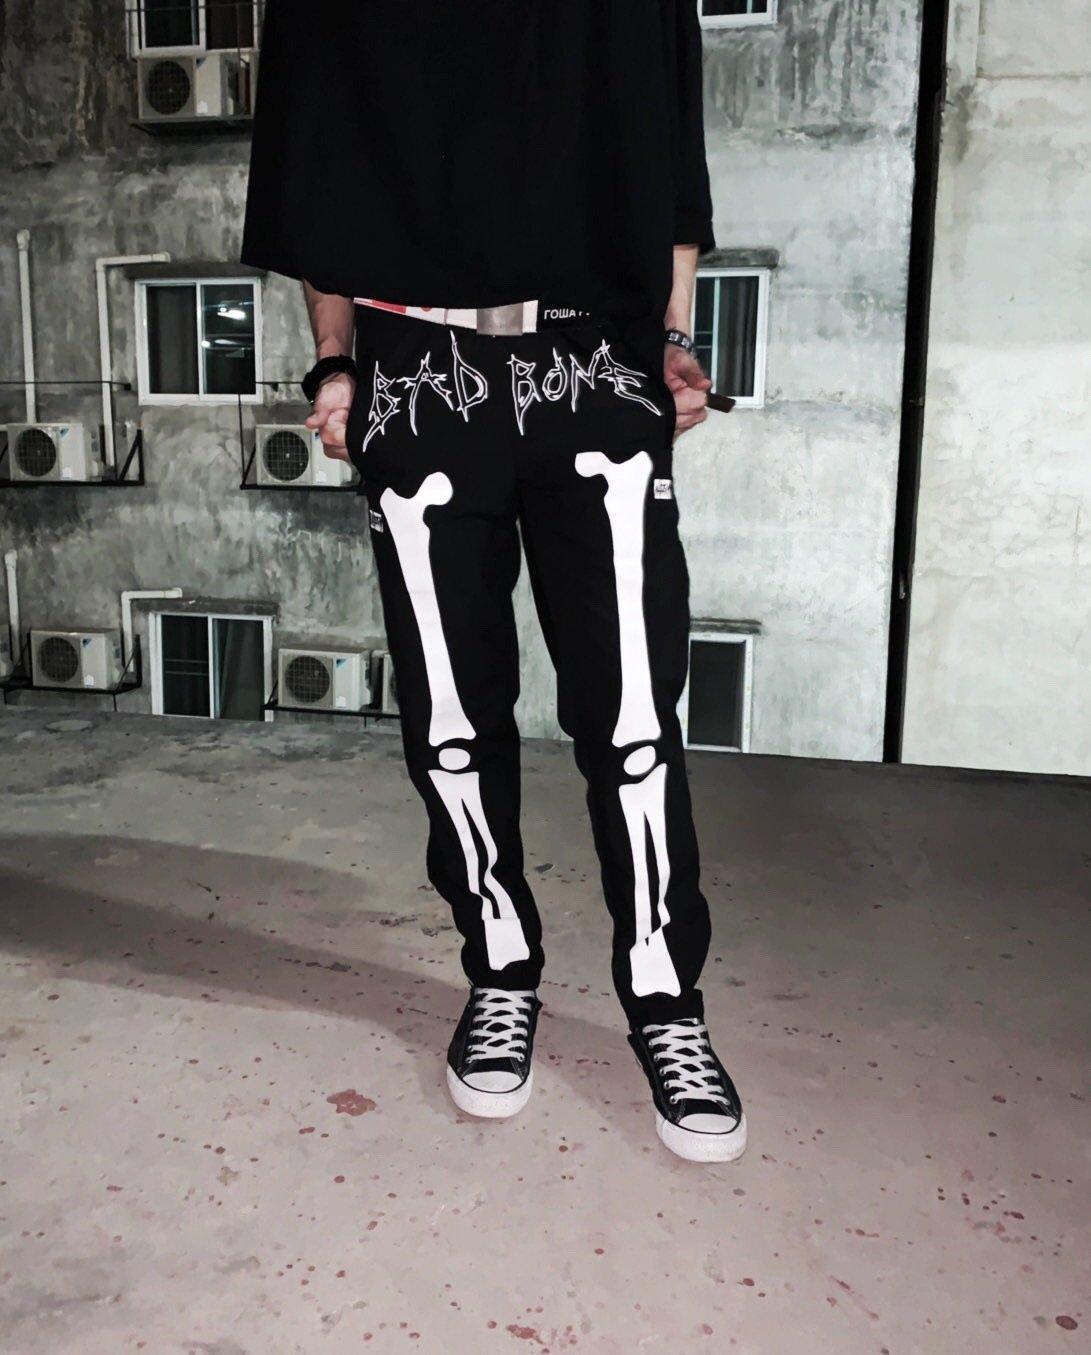 OG Bone